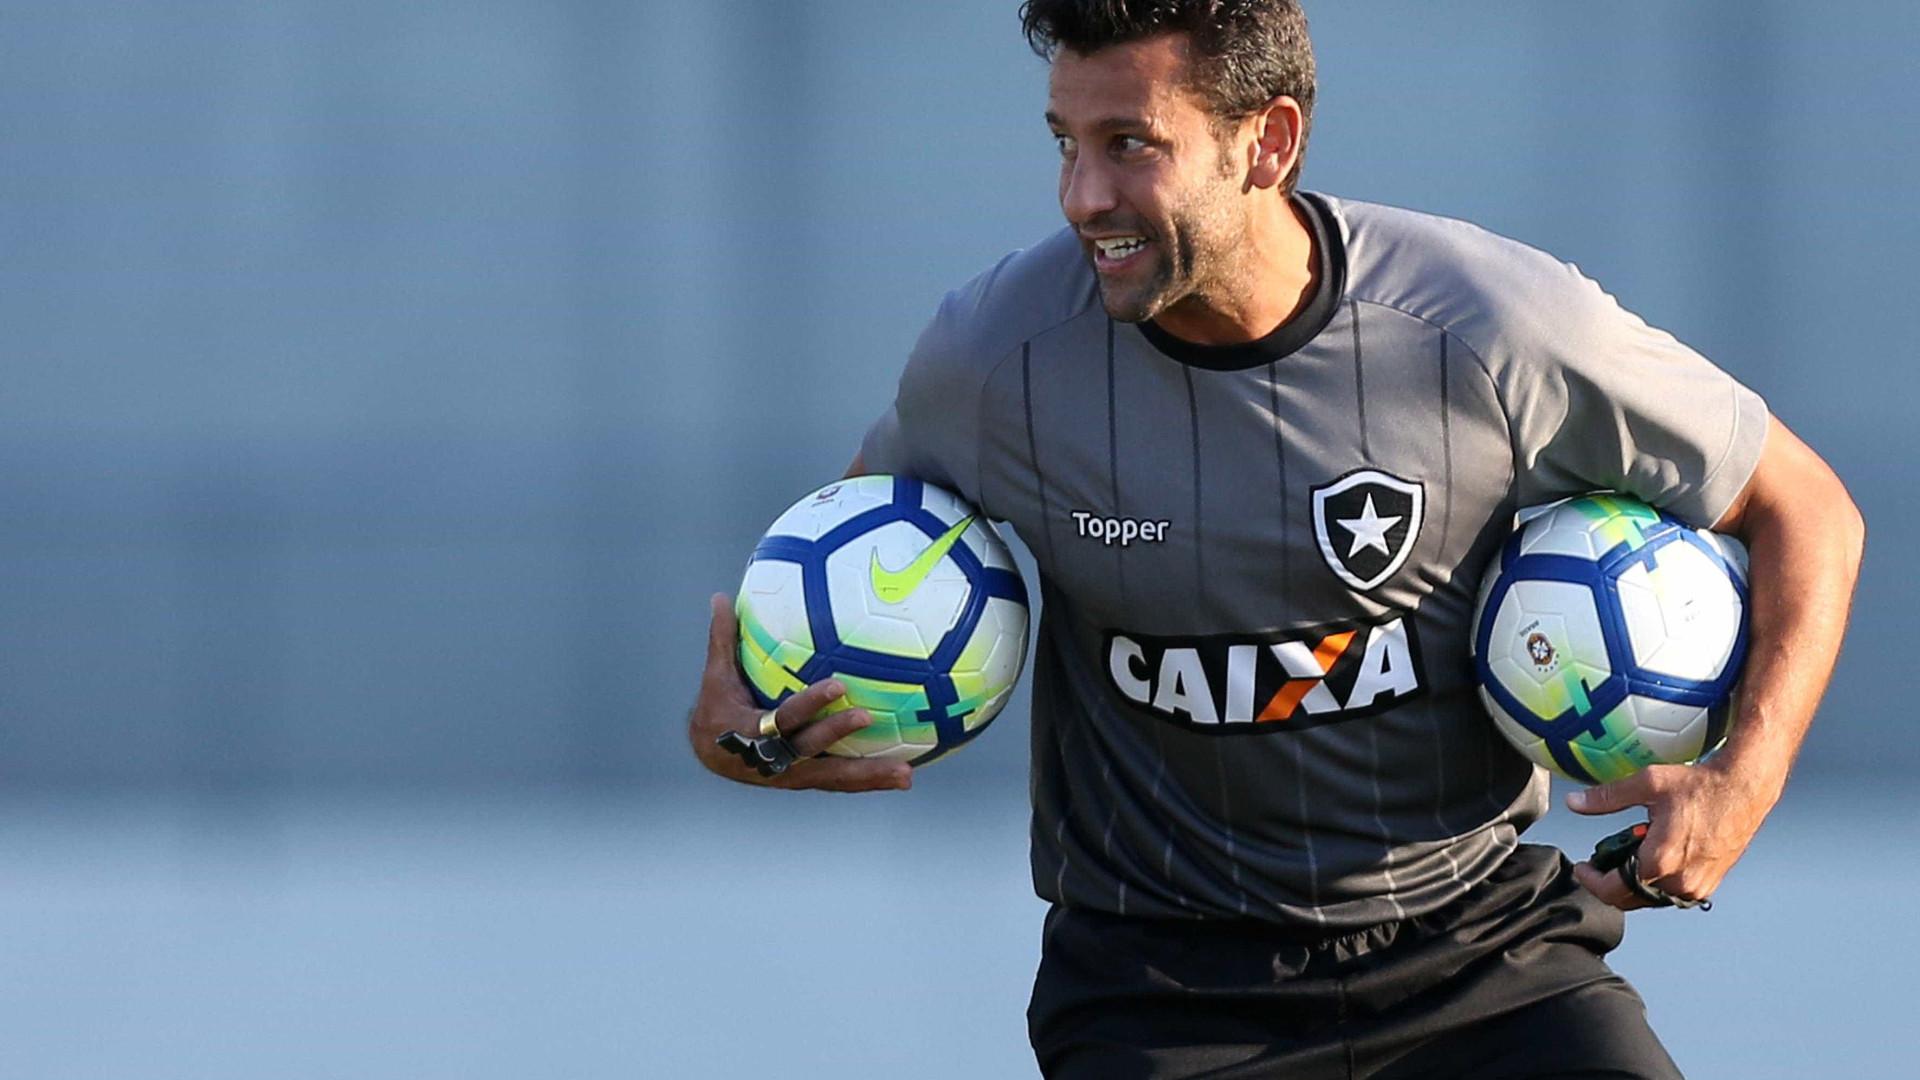 Rodada sul-americana: jogos pelo Brasileirão e Argentino